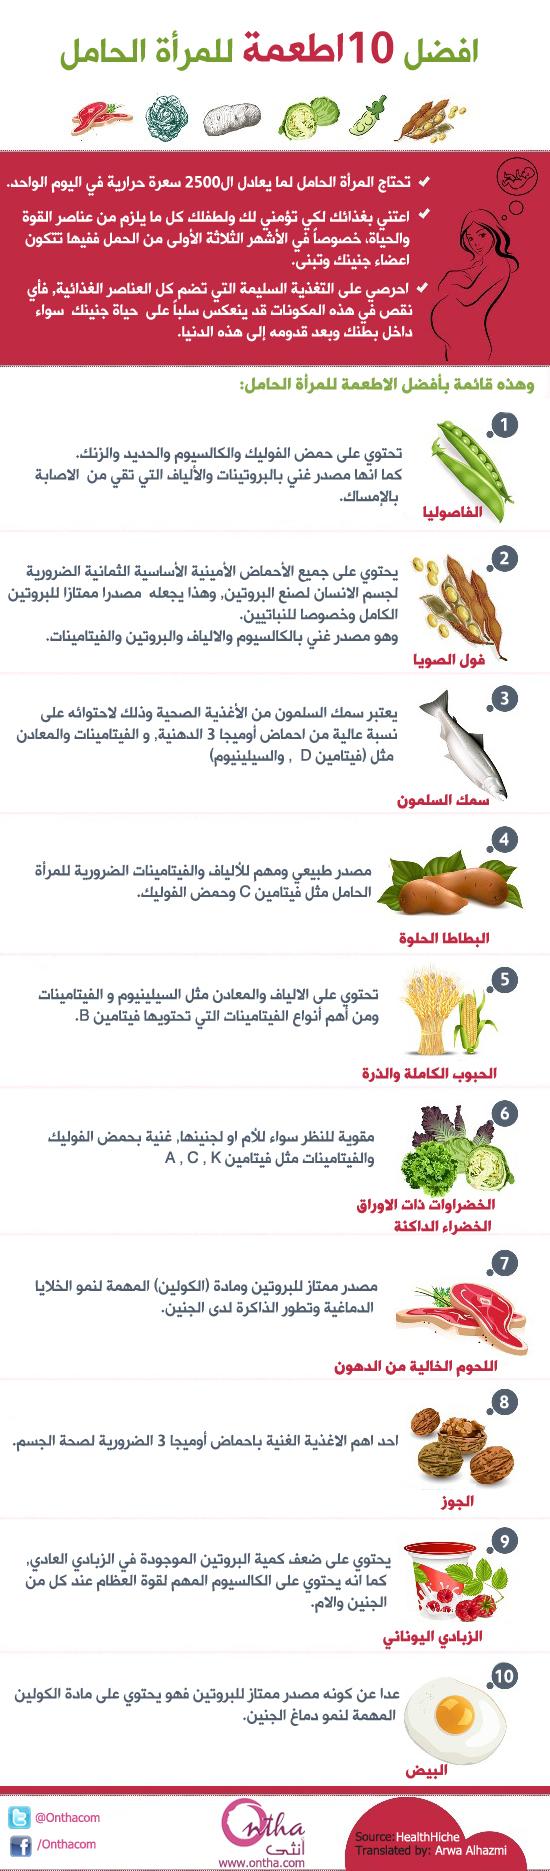 افضل 10 اطعمة للمرأة الحامل